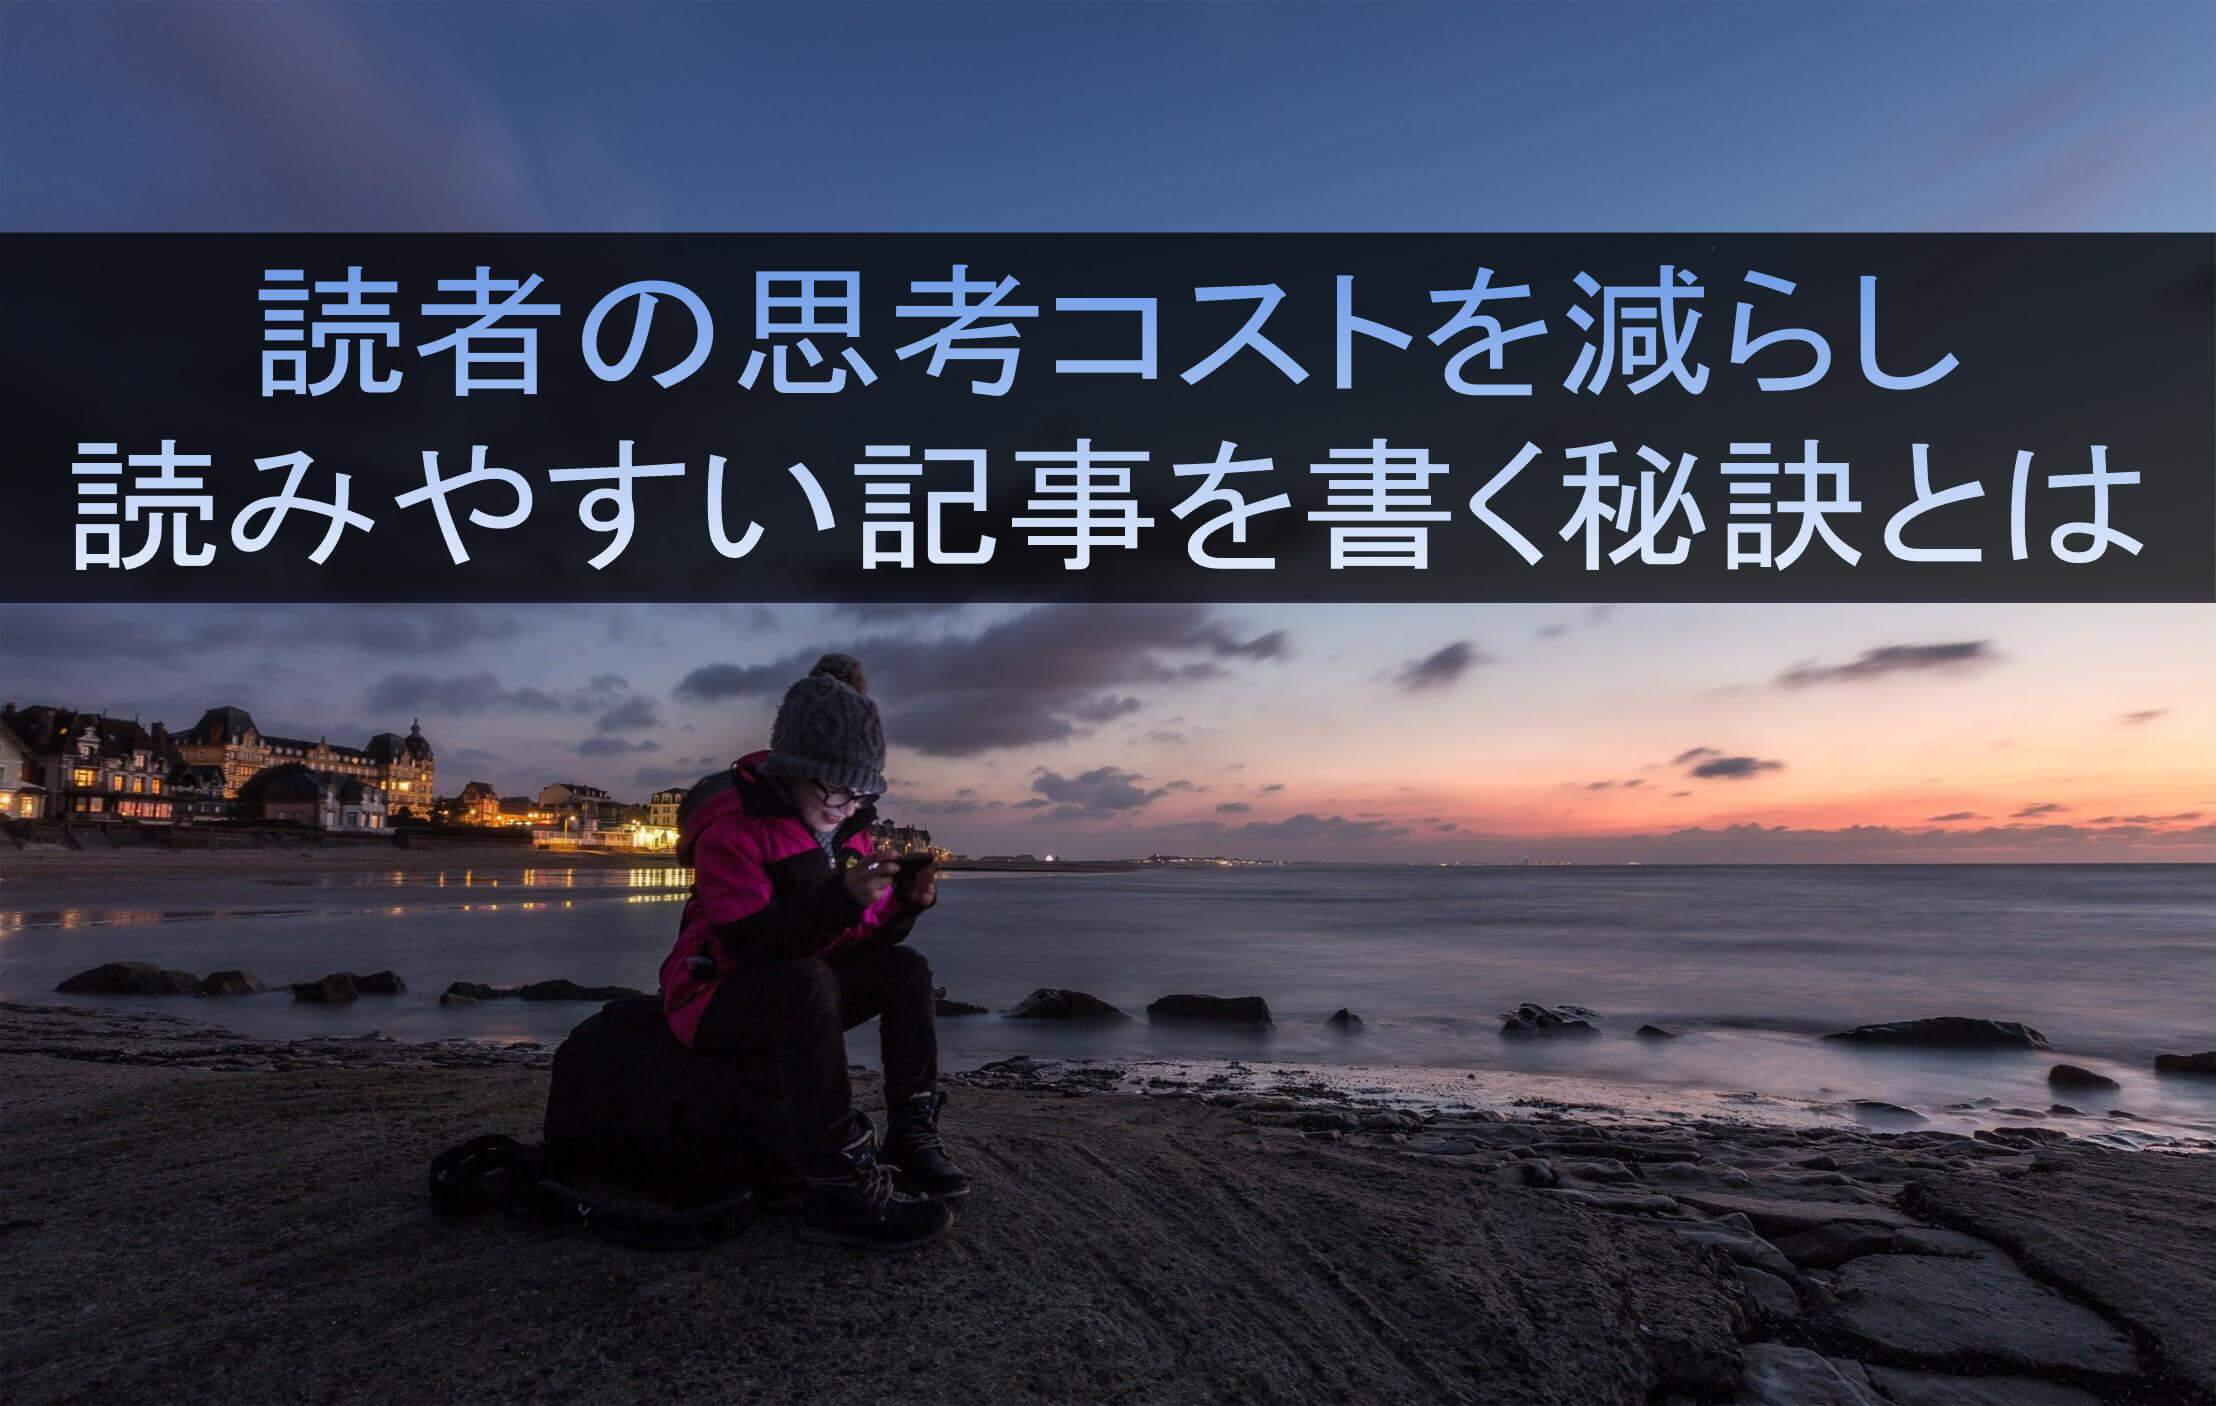 浜でスマホを見る女性「読者の思考コストを減らし 読みやすい記事を書く秘訣とは」